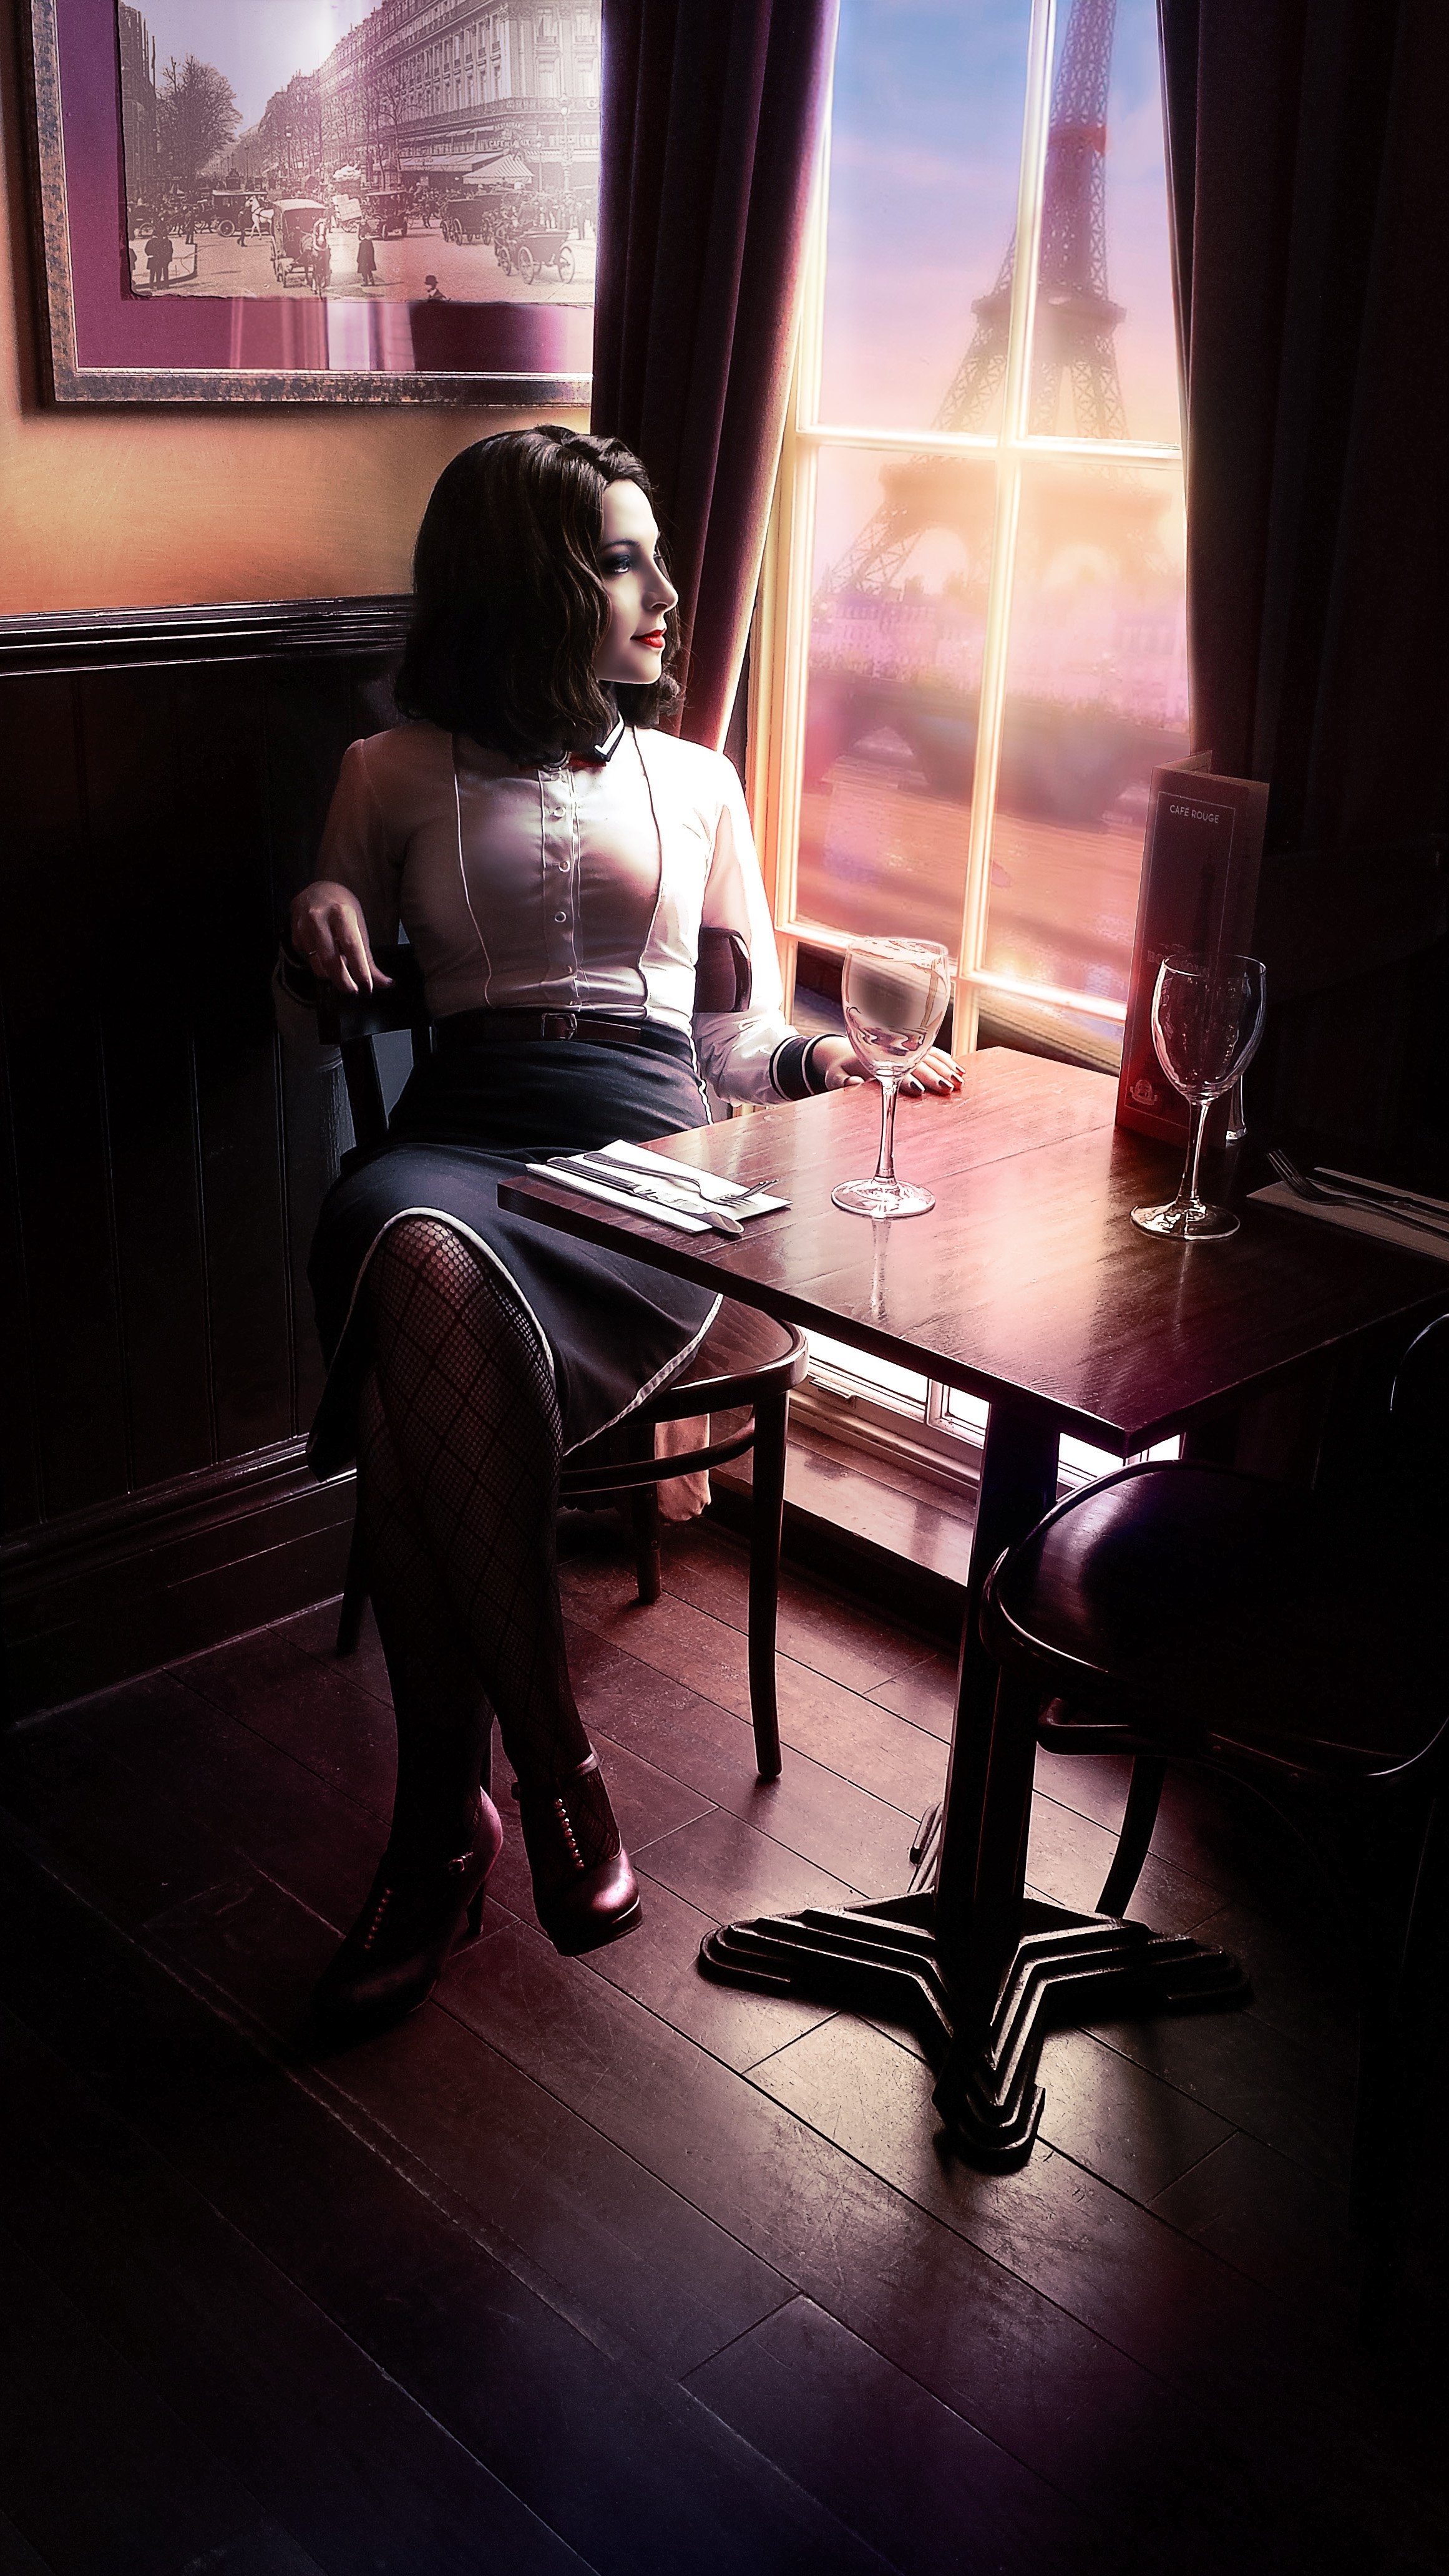 Элизабет из Парижа.  - Изображение 1